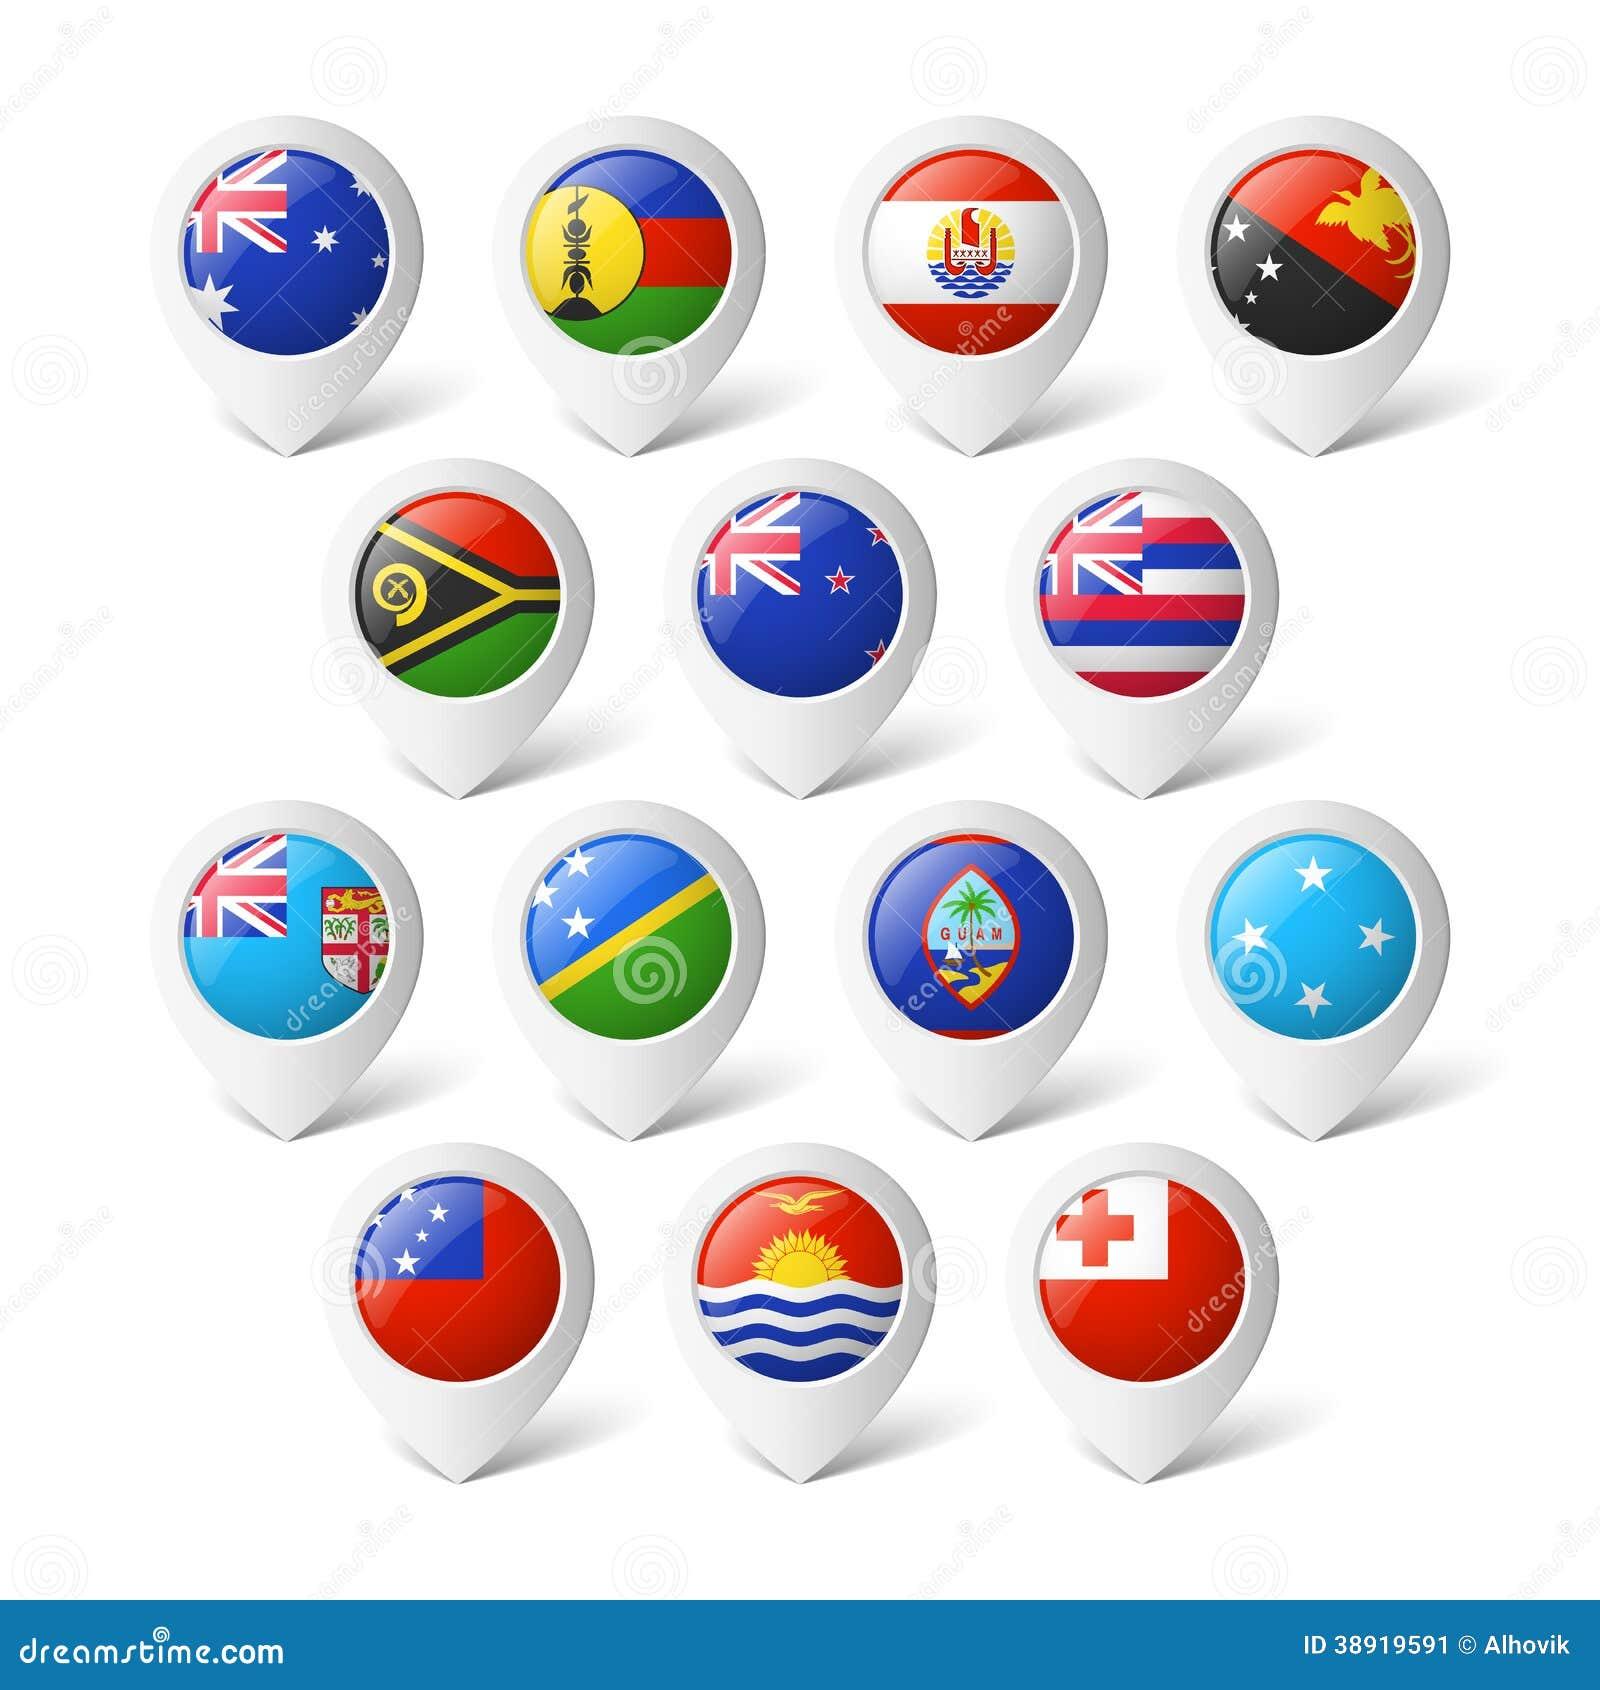 Kartenzeiger mit Flaggen. Ozeanien.